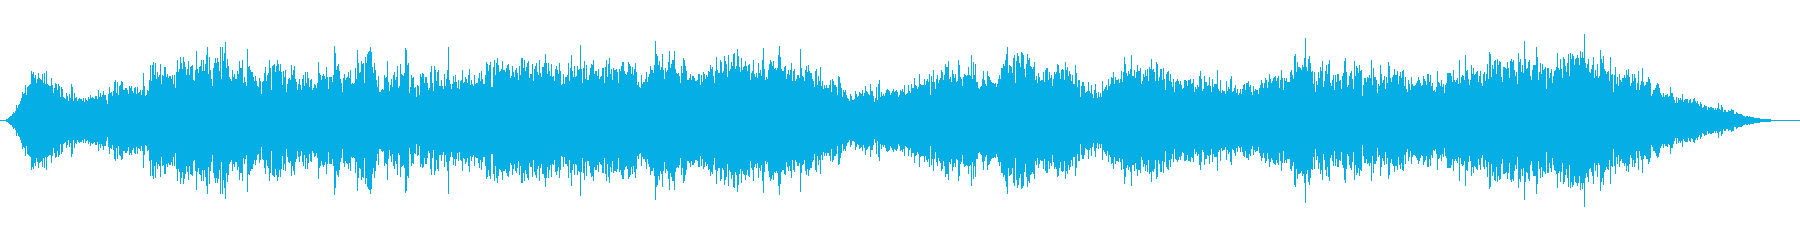 【ダークアンビエント】暗闇の中の安寧の再生済みの波形